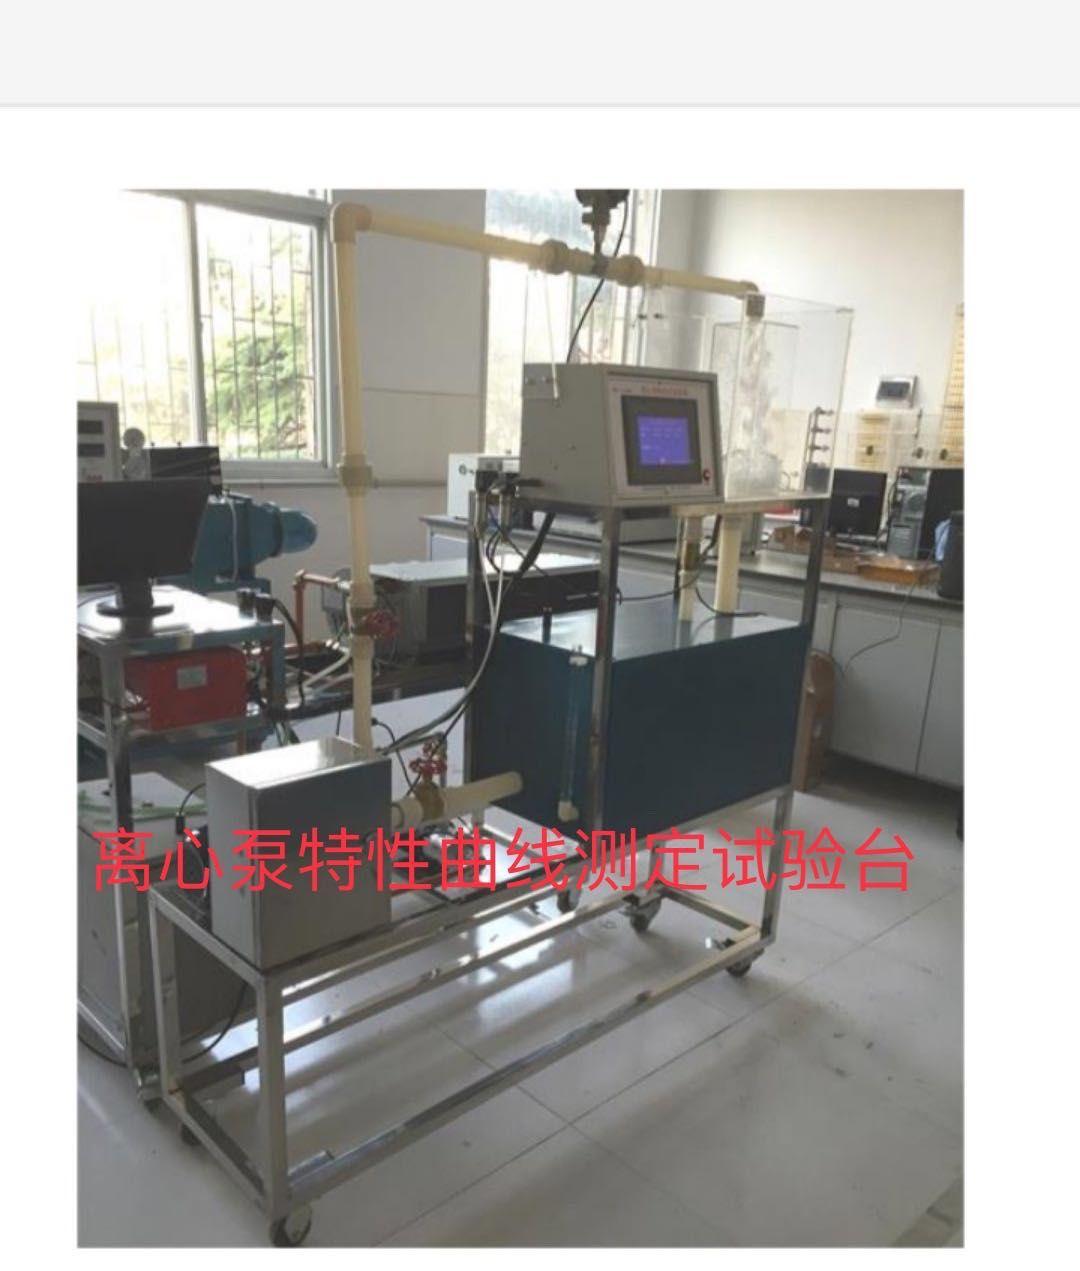 安徽空化机理实验仪厂家|安徽空化机理实验仪厂家怎么样